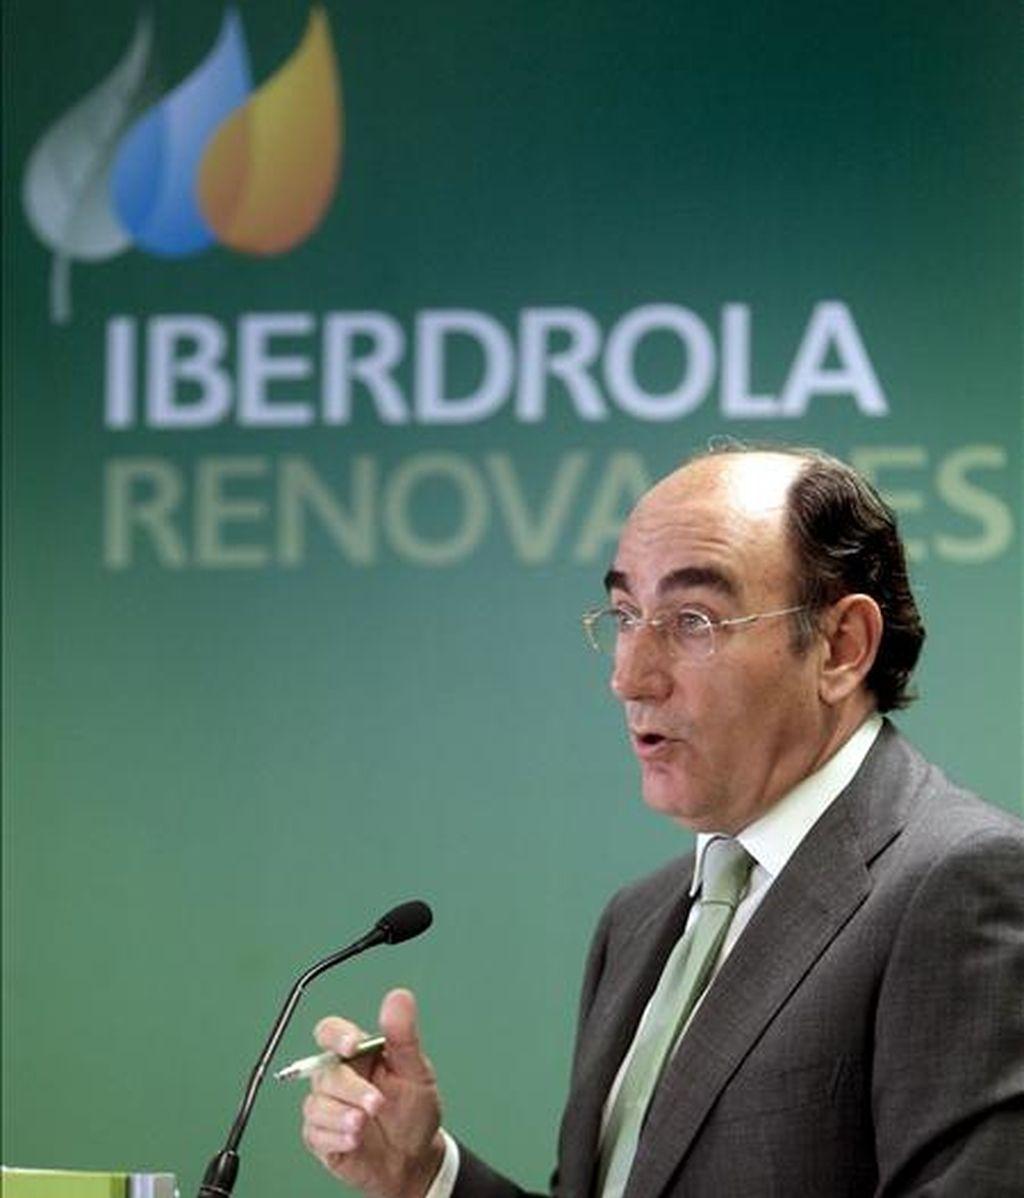 El presidente de Iberdrola, Ignacio Sánchez Galán, durante una rueda de prensa con motivo de la celebración el miércoles de la junta de accionistas de la compañía. EFE/Archivo